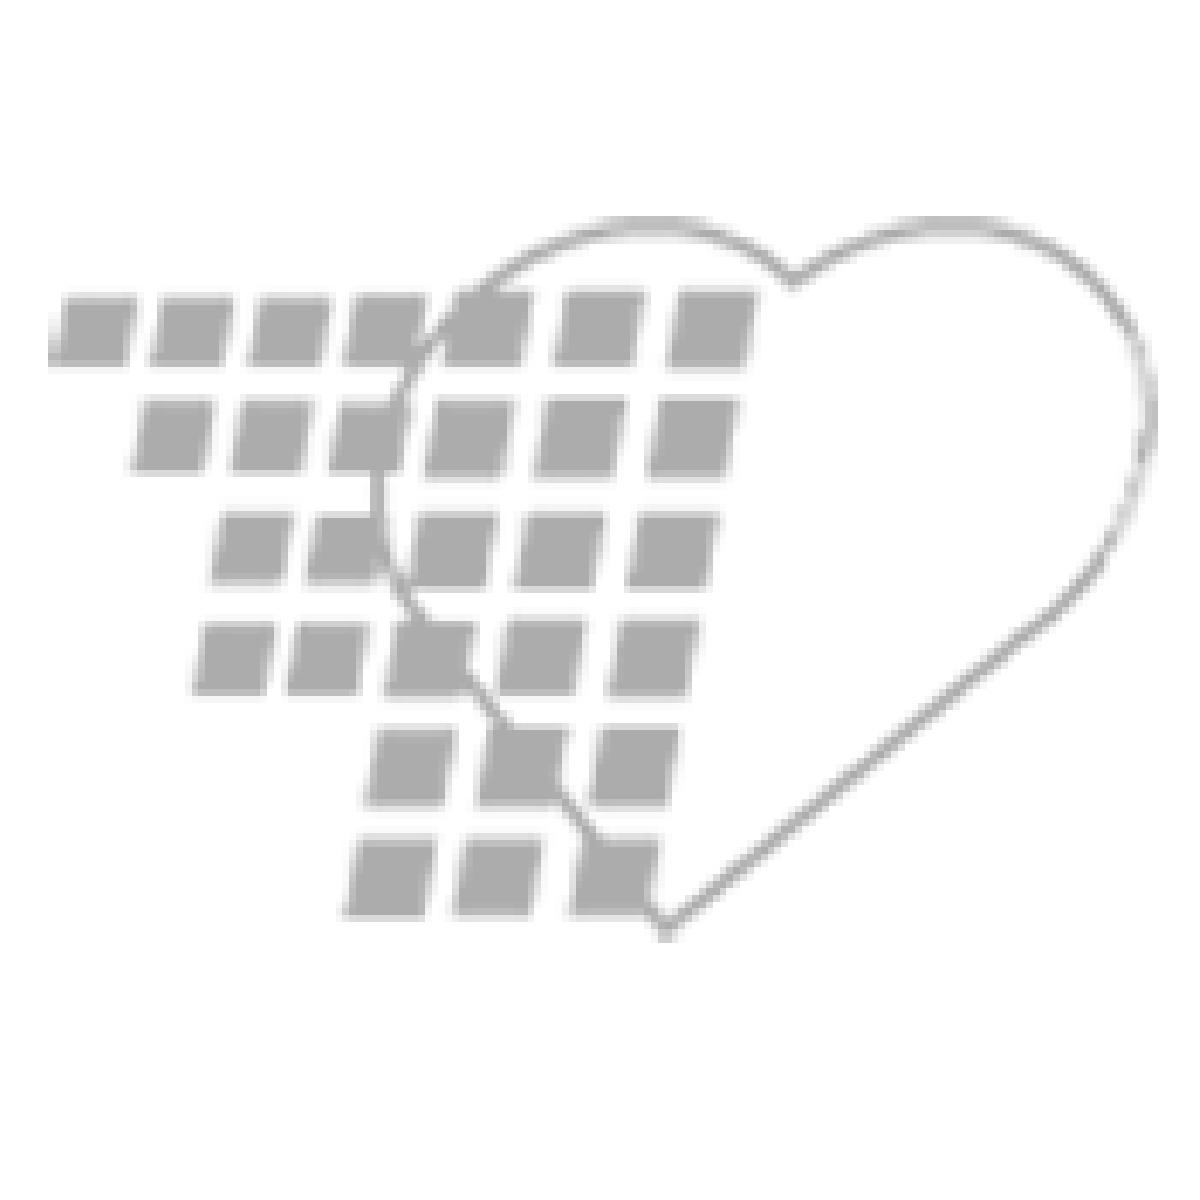 06-54-3103 Pocket Nurse® Triple Lumen CV Catheter